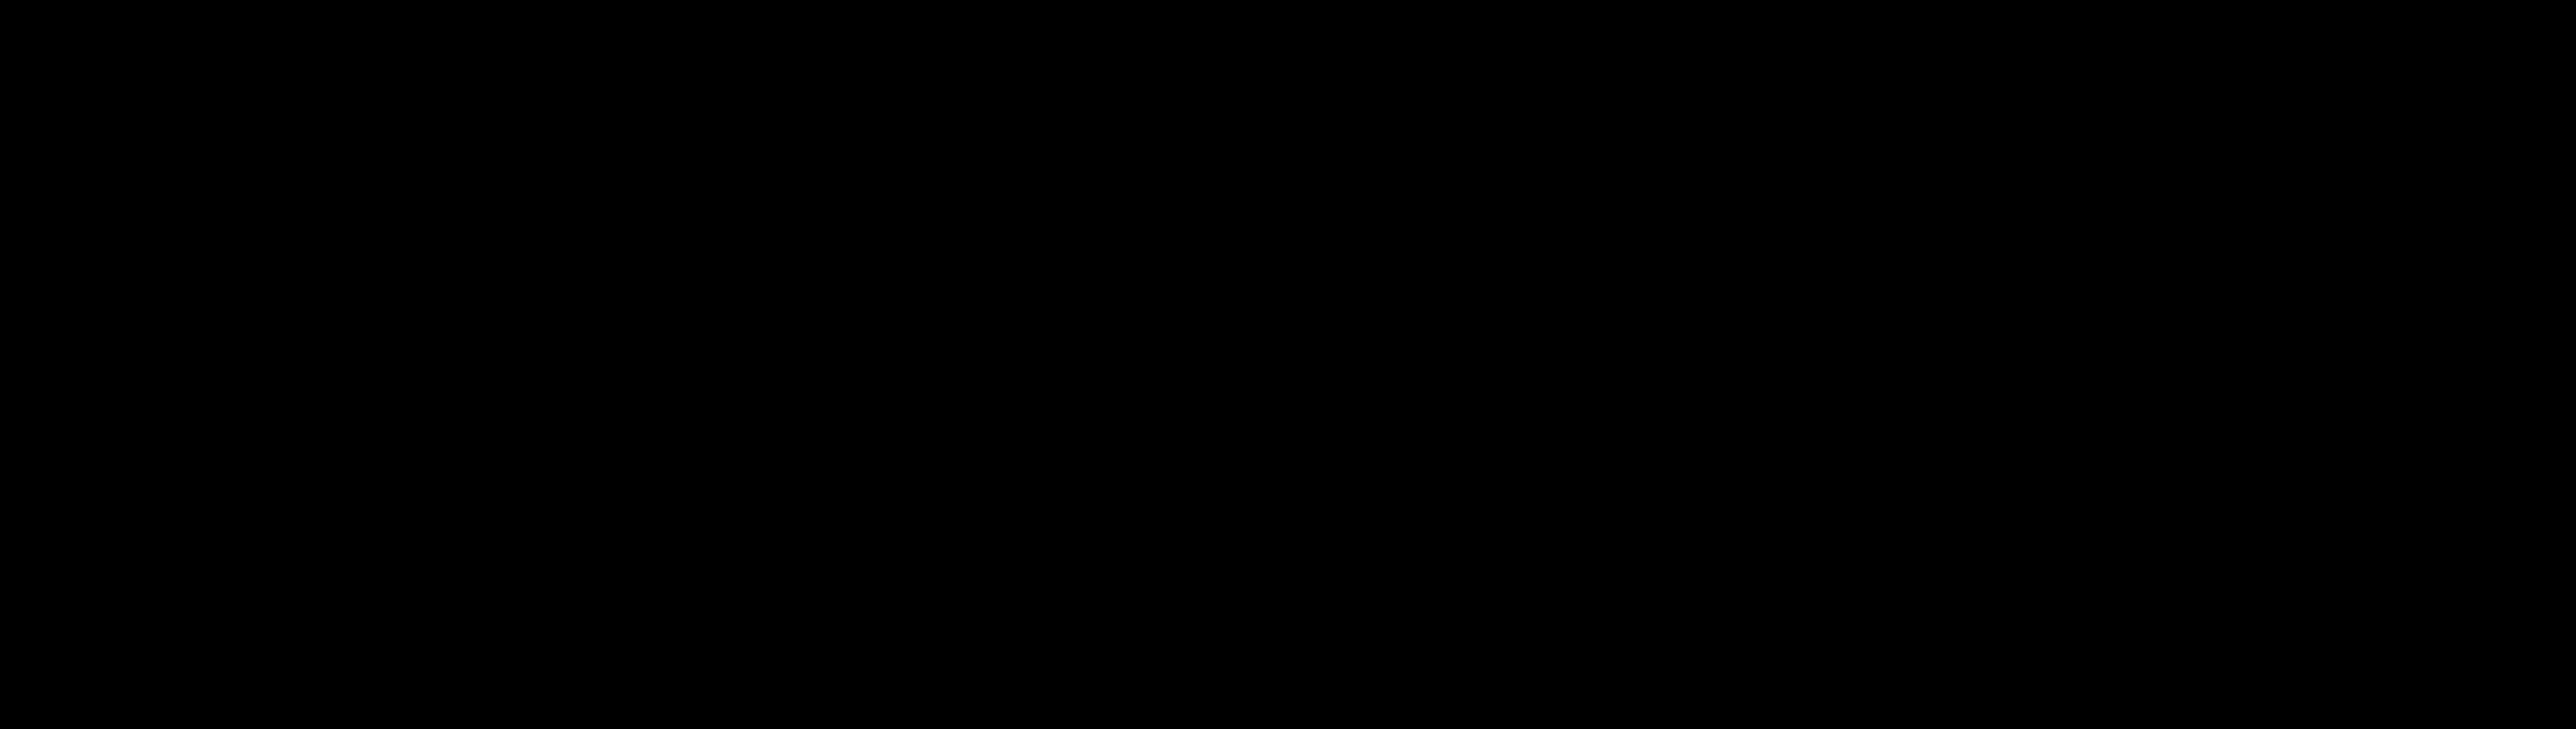 Fangmann-Event